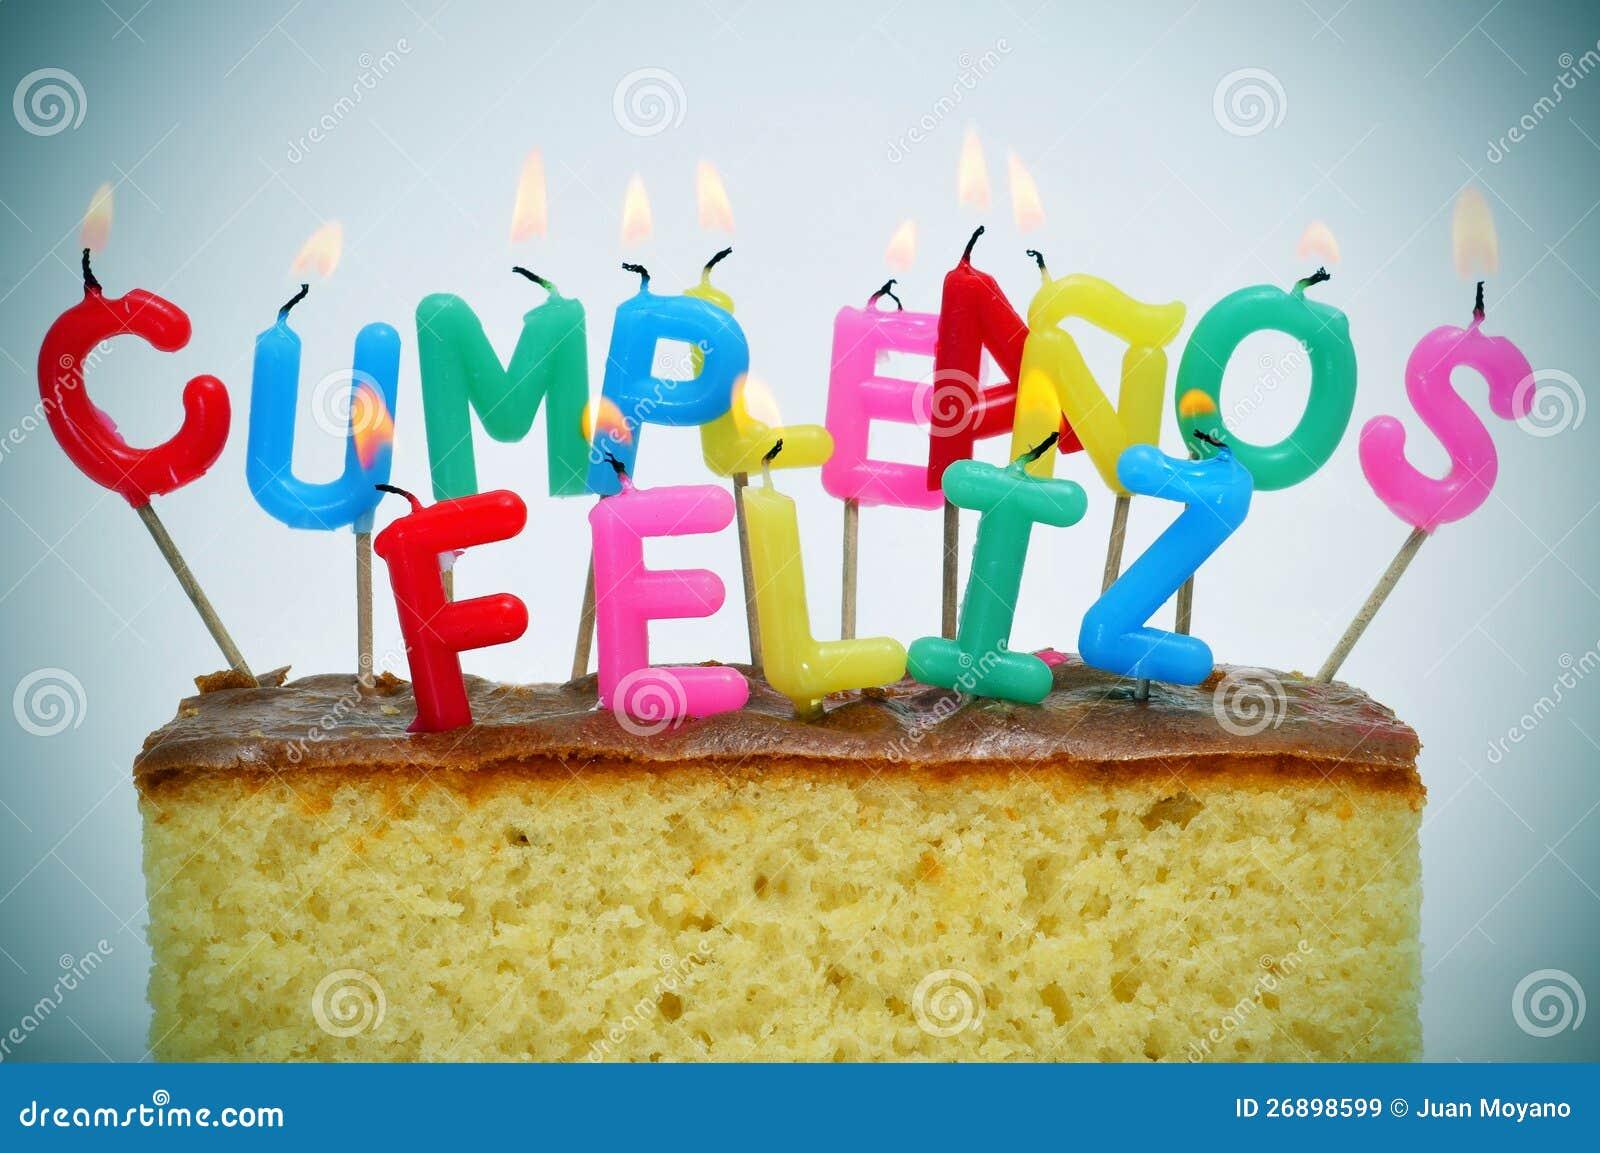 Geburtstag spanisch lustig